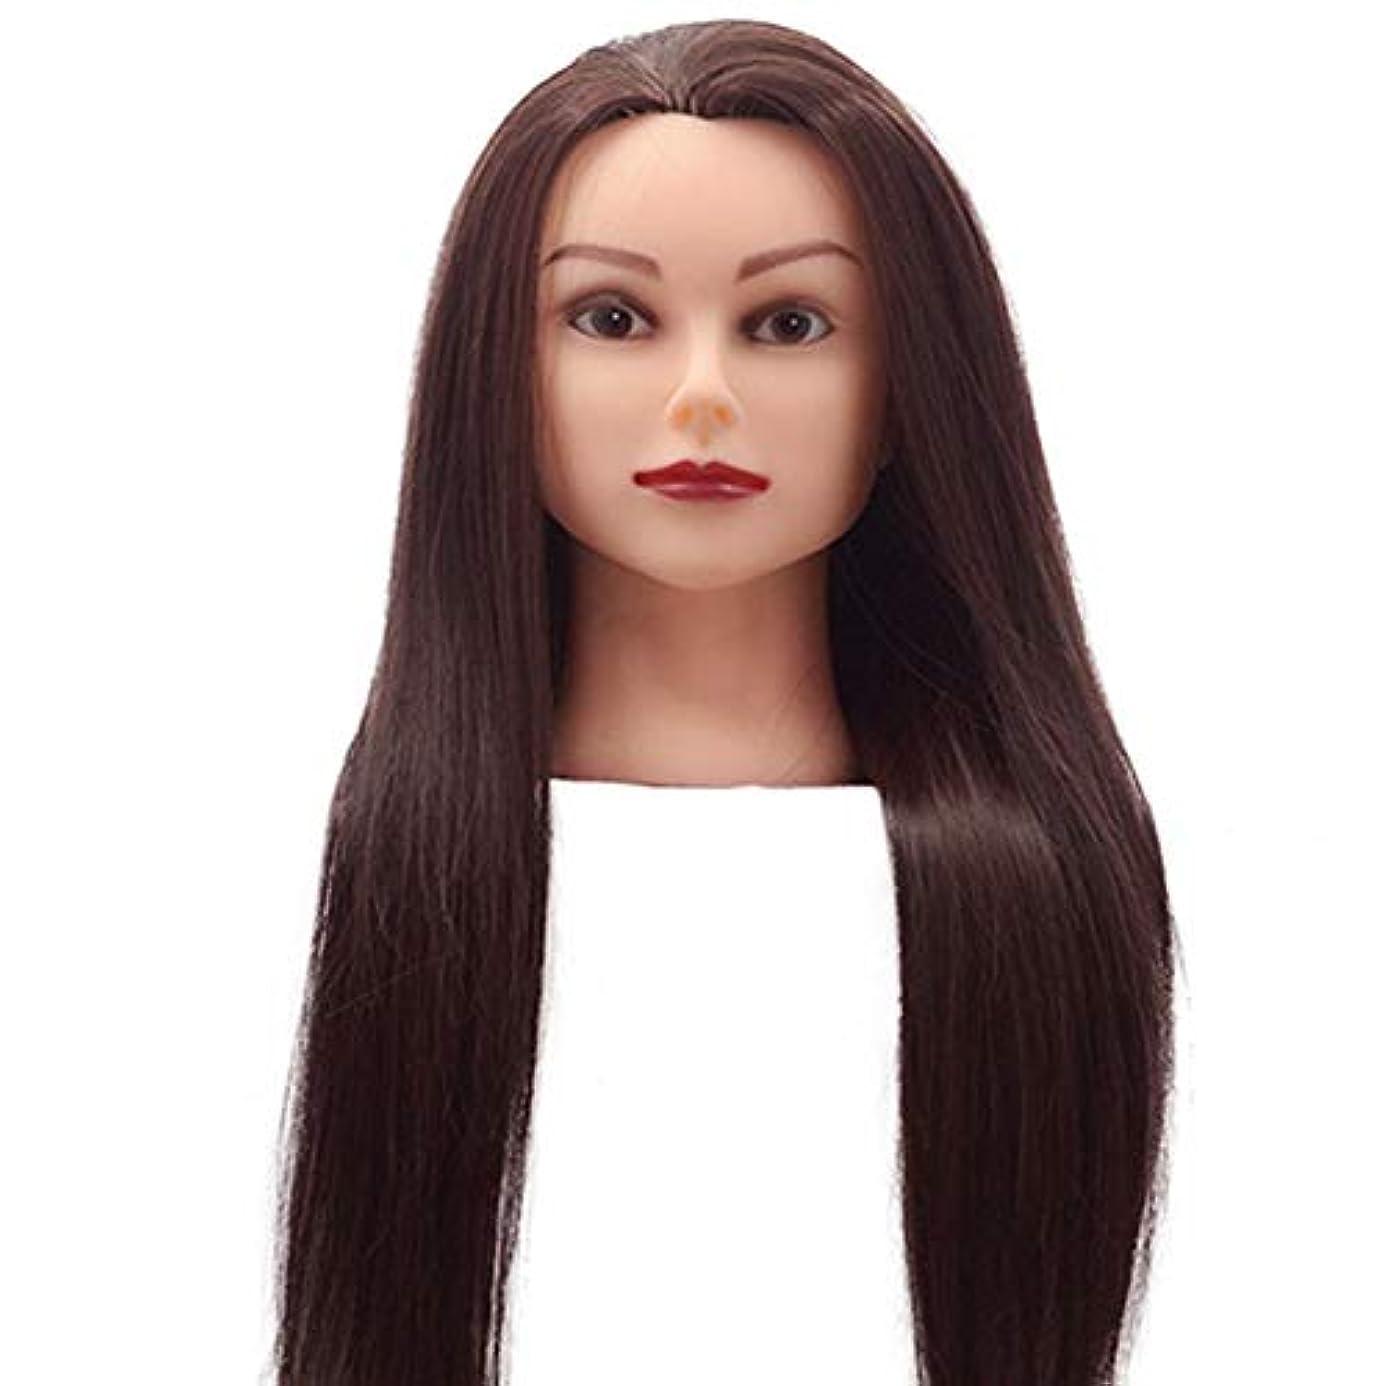 対話船酔い産地理髪モデルヘッド花嫁の髪編組三つ編み学習ヘッドモデル理髪店美容散髪ダミーエクササイズヘッド